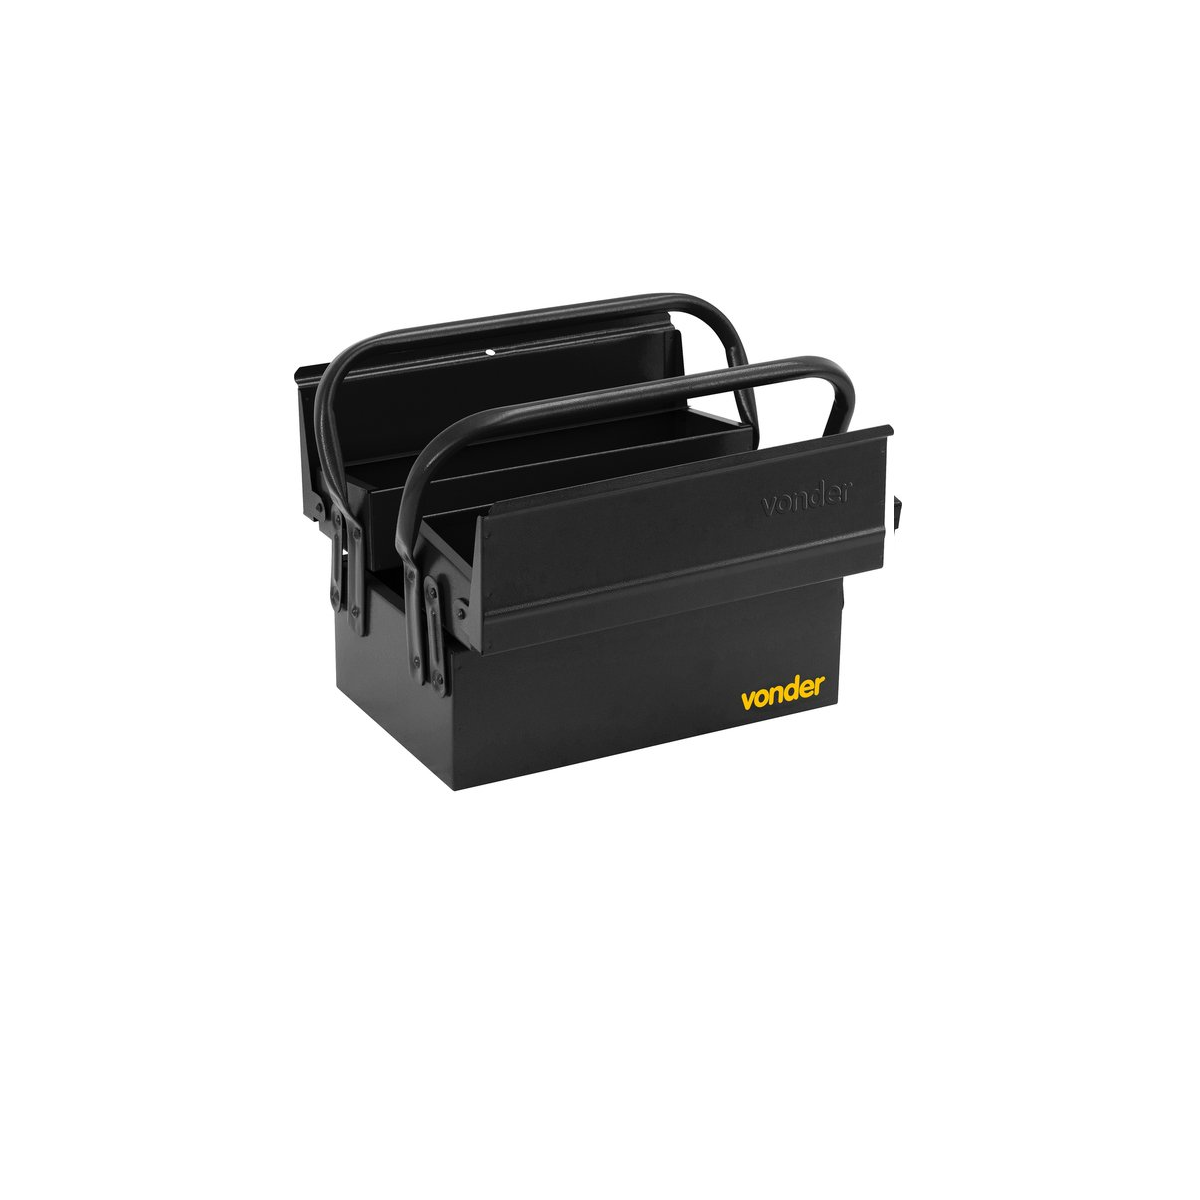 Caixa metálica para ferramentas Sanfonada 3 gavetas  30cm x 19cm x 16cm VONDER